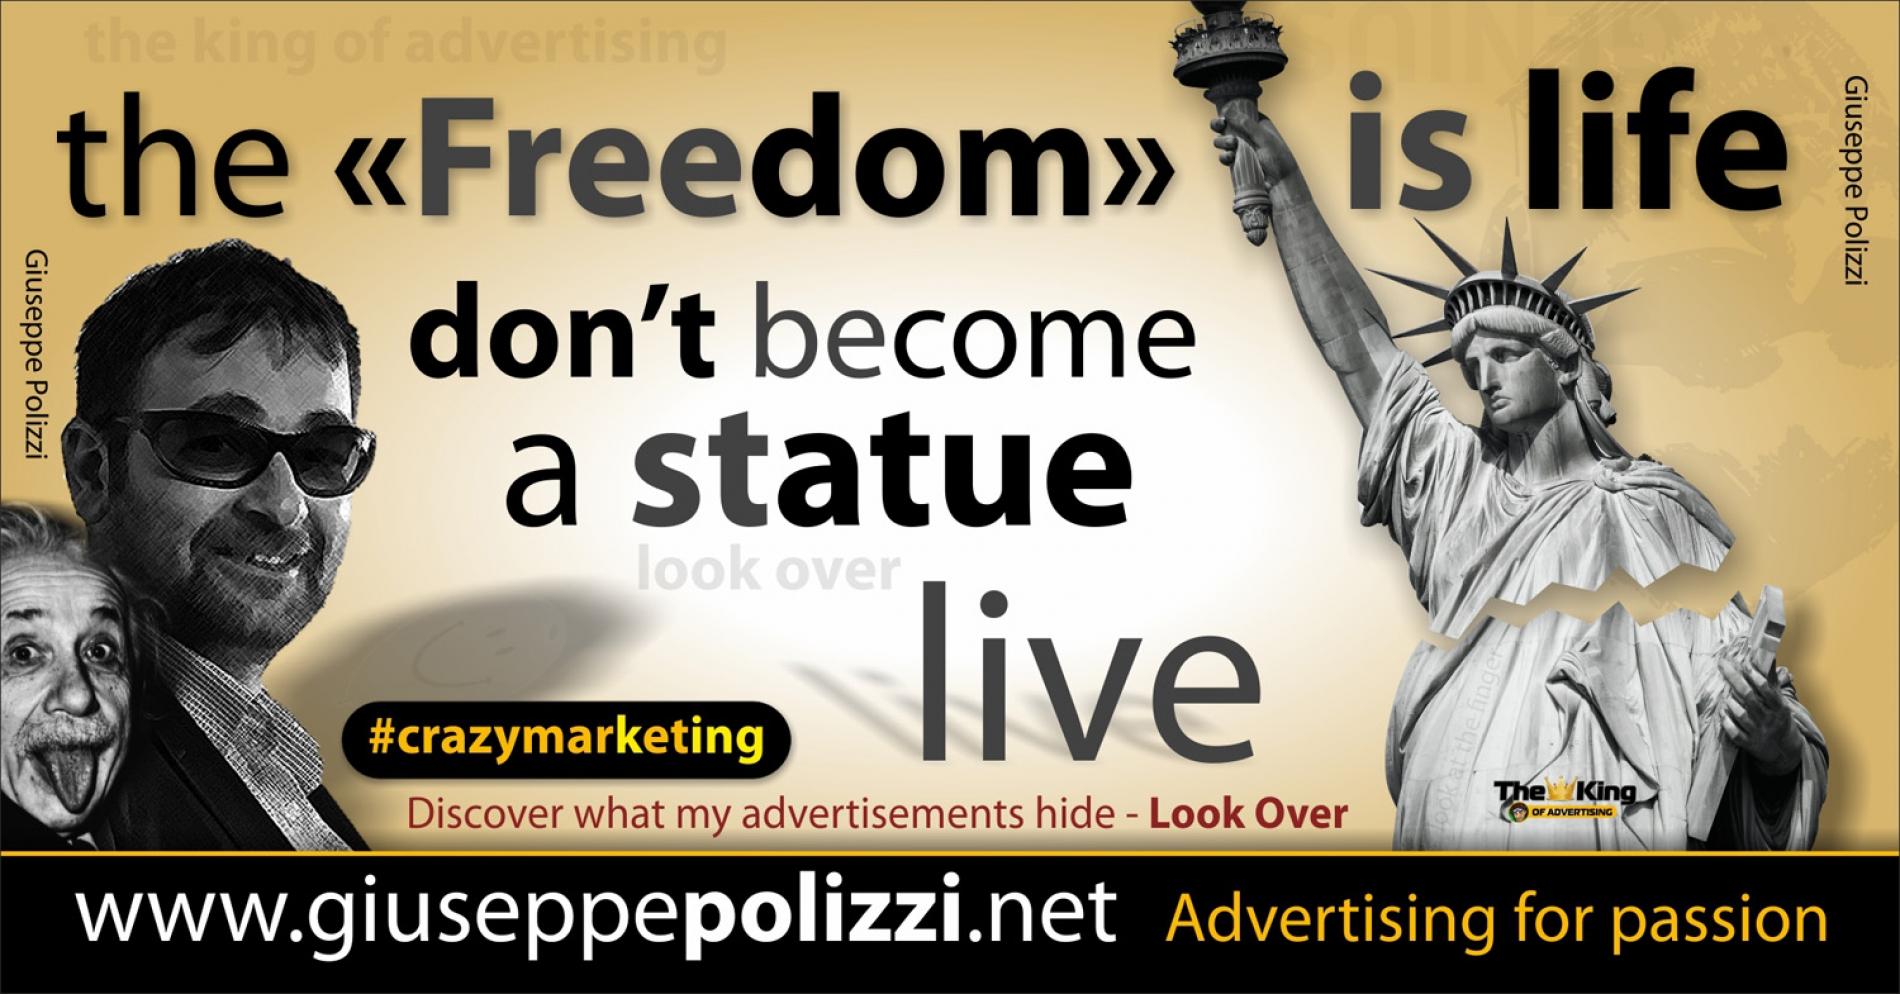 giuseppe polizzi pubblicità 2016 crazy marketing statua liberta inglese